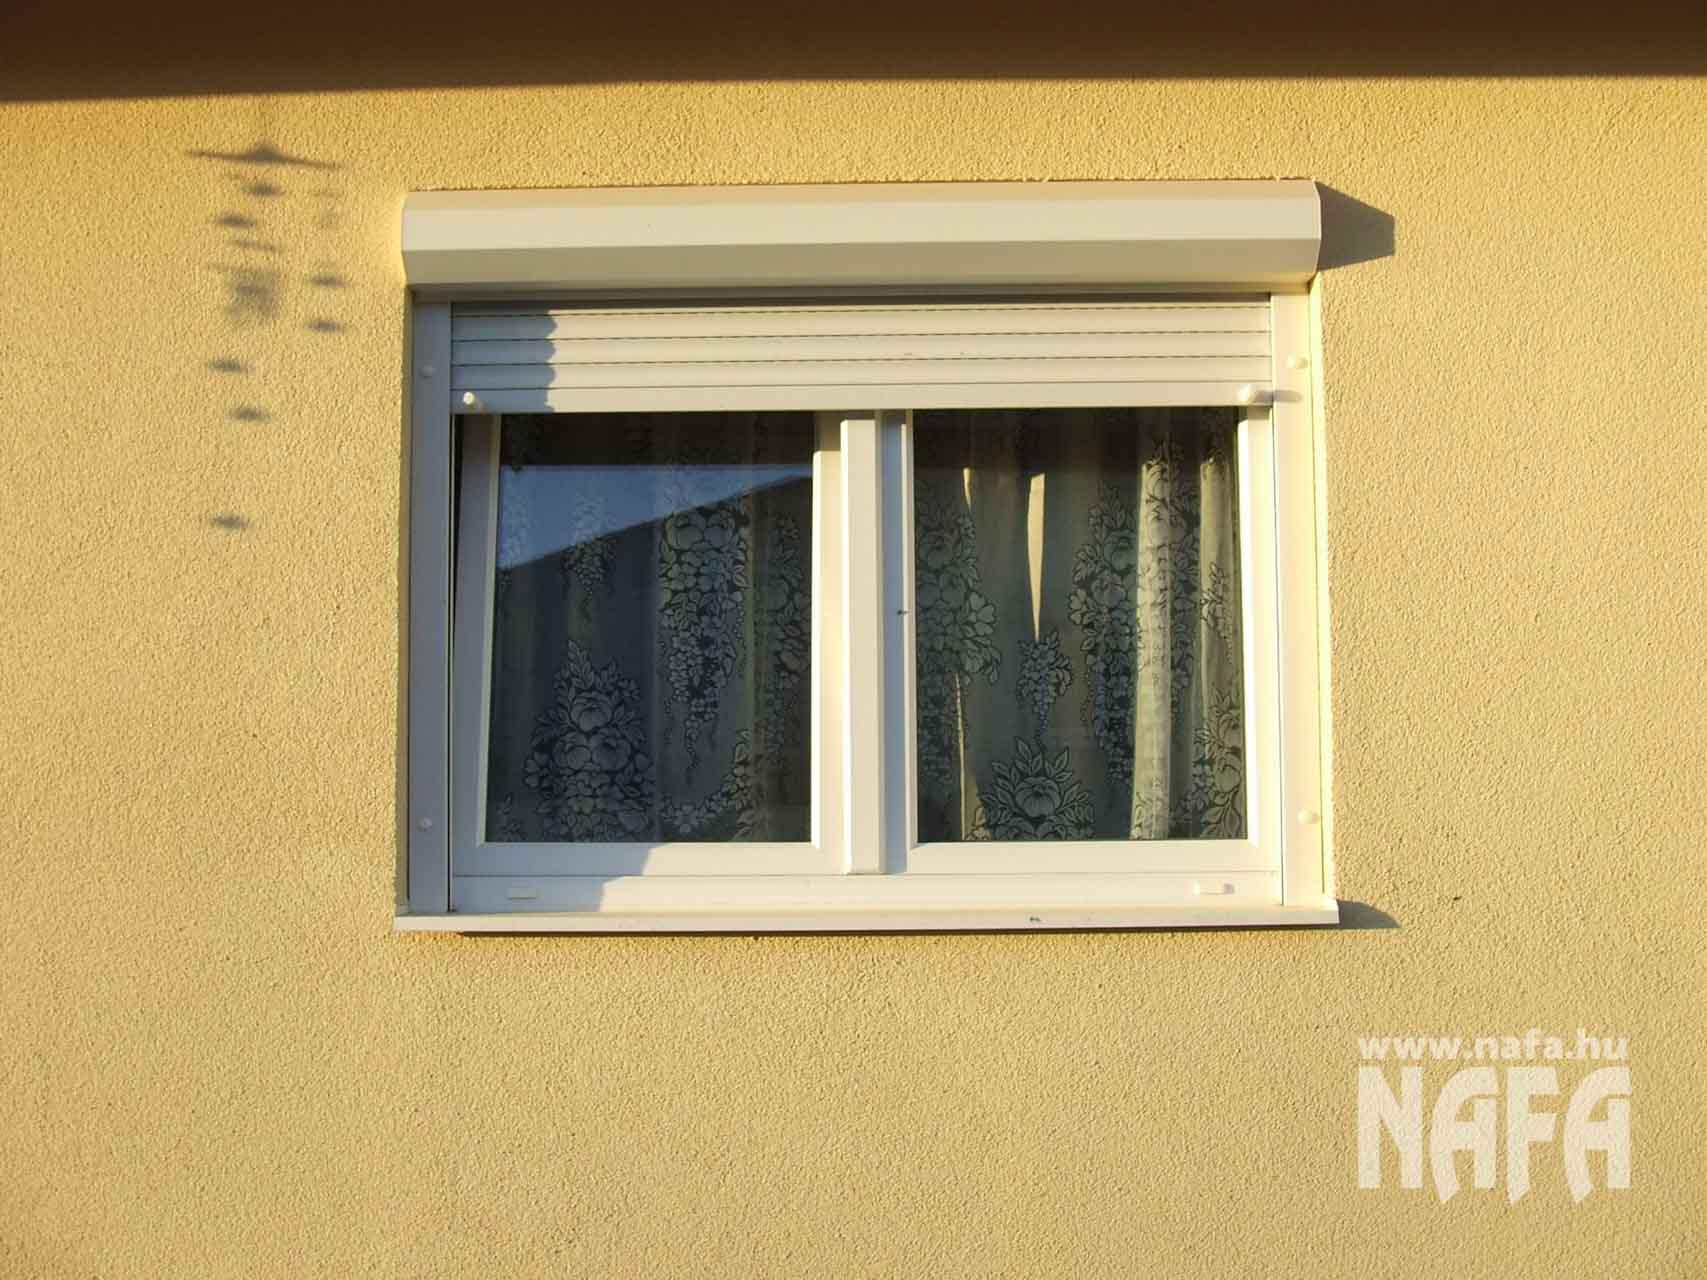 Műanyag nyílászárók, egyedi ablakok és ajtók, Csurgó Családiház